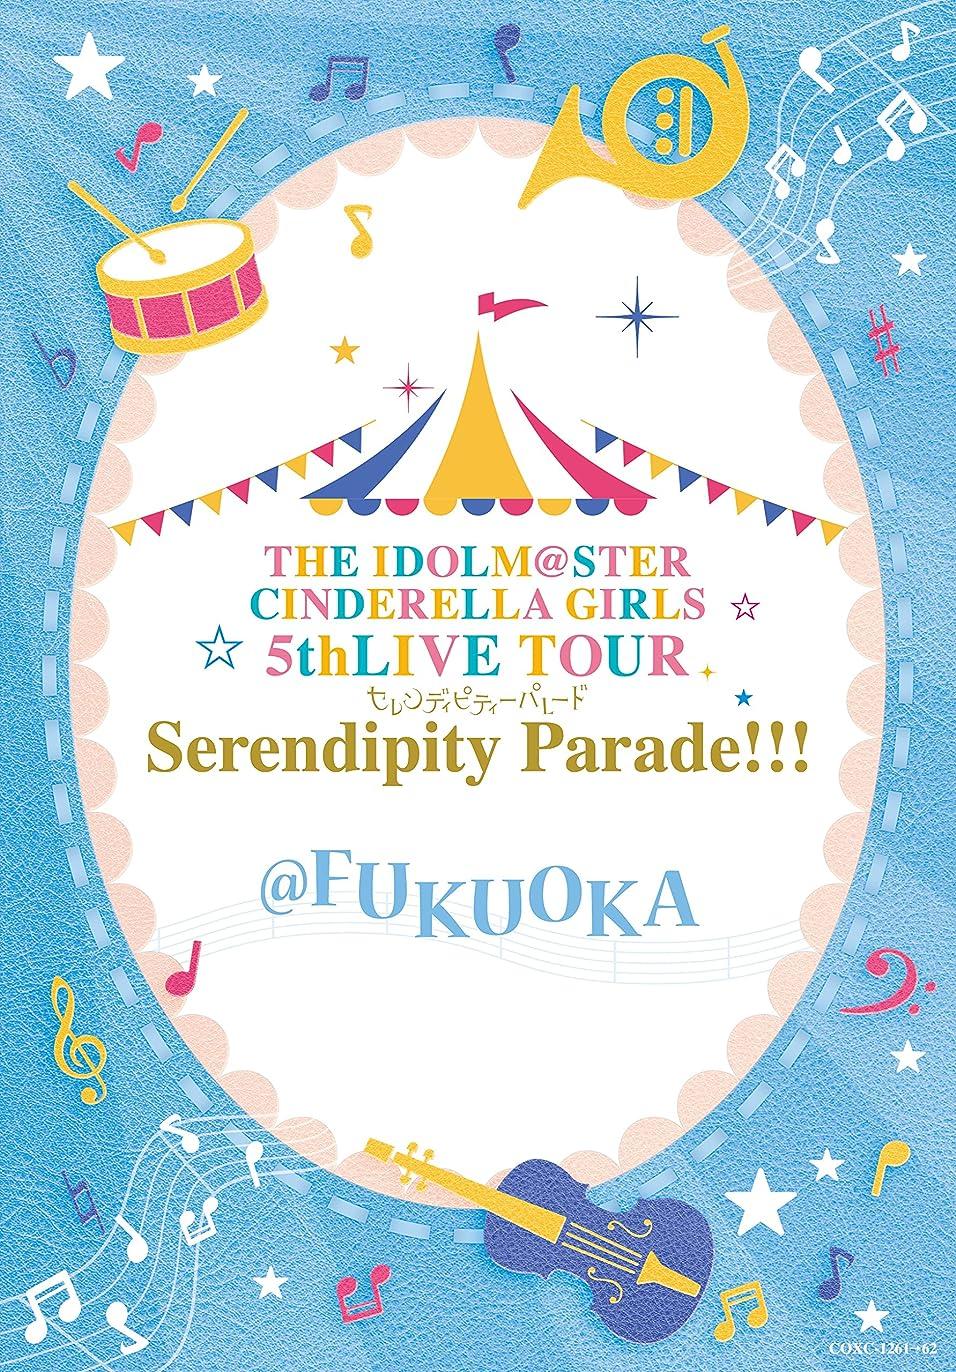 道を作る骨減らす【Amazon.co.jp限定】THE IDOLM@STER CINDERELLA GIRLS 5thLIVE TOUR Serendipity Parade!!!@FUKUOKA(静岡、幕張、福岡公演 連動購入特典:LPサイズディスク収納ケース 引換シリアルコード付) [Blu-ray]